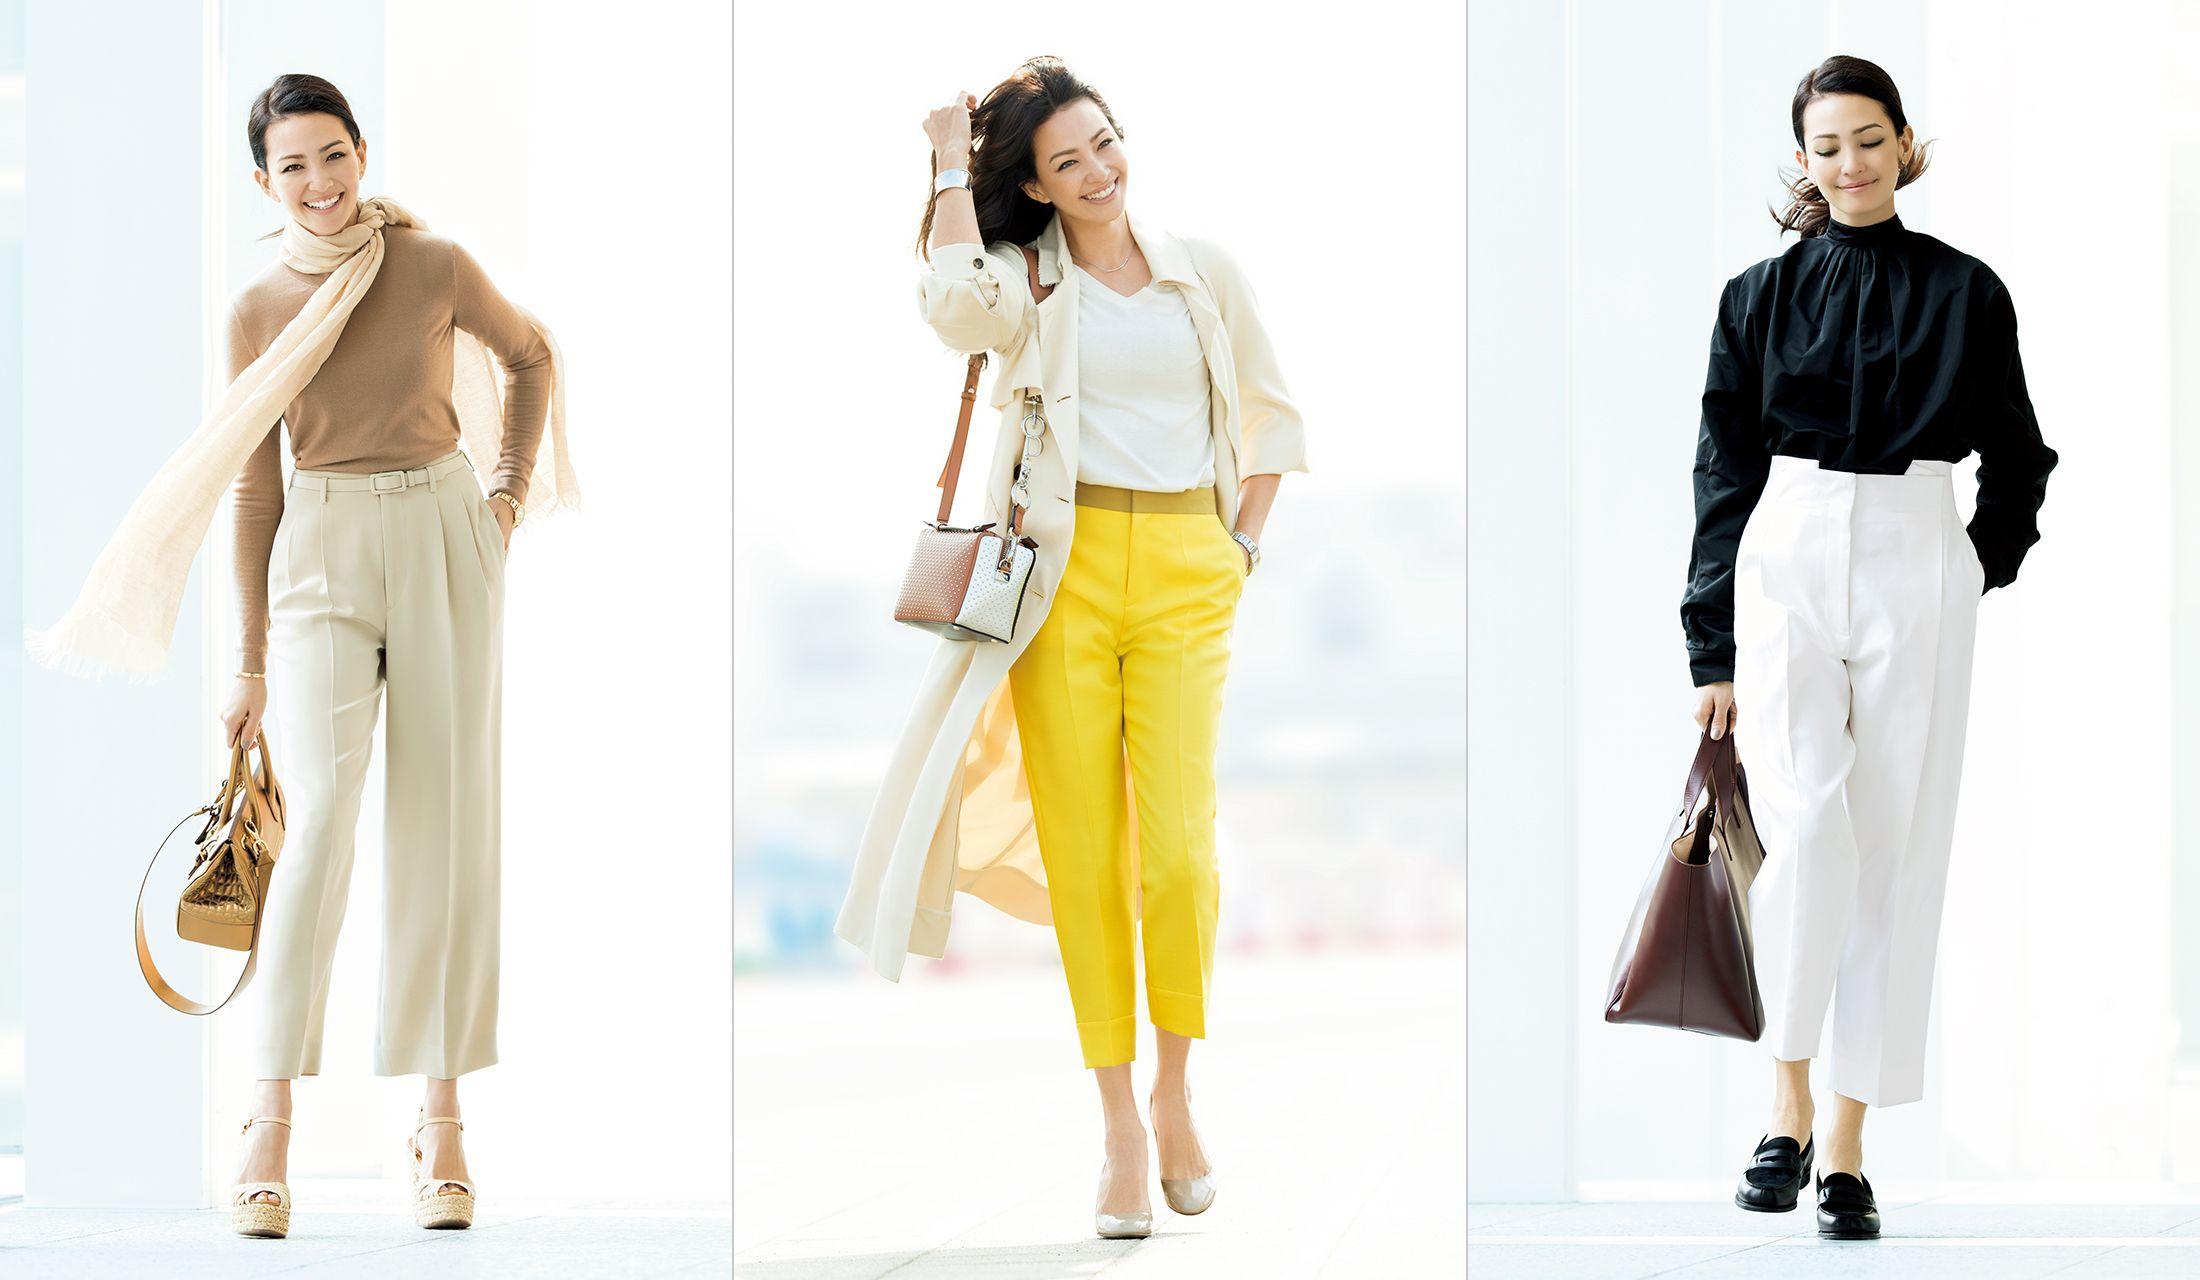 パンツの着こなしをした女性3人の画像